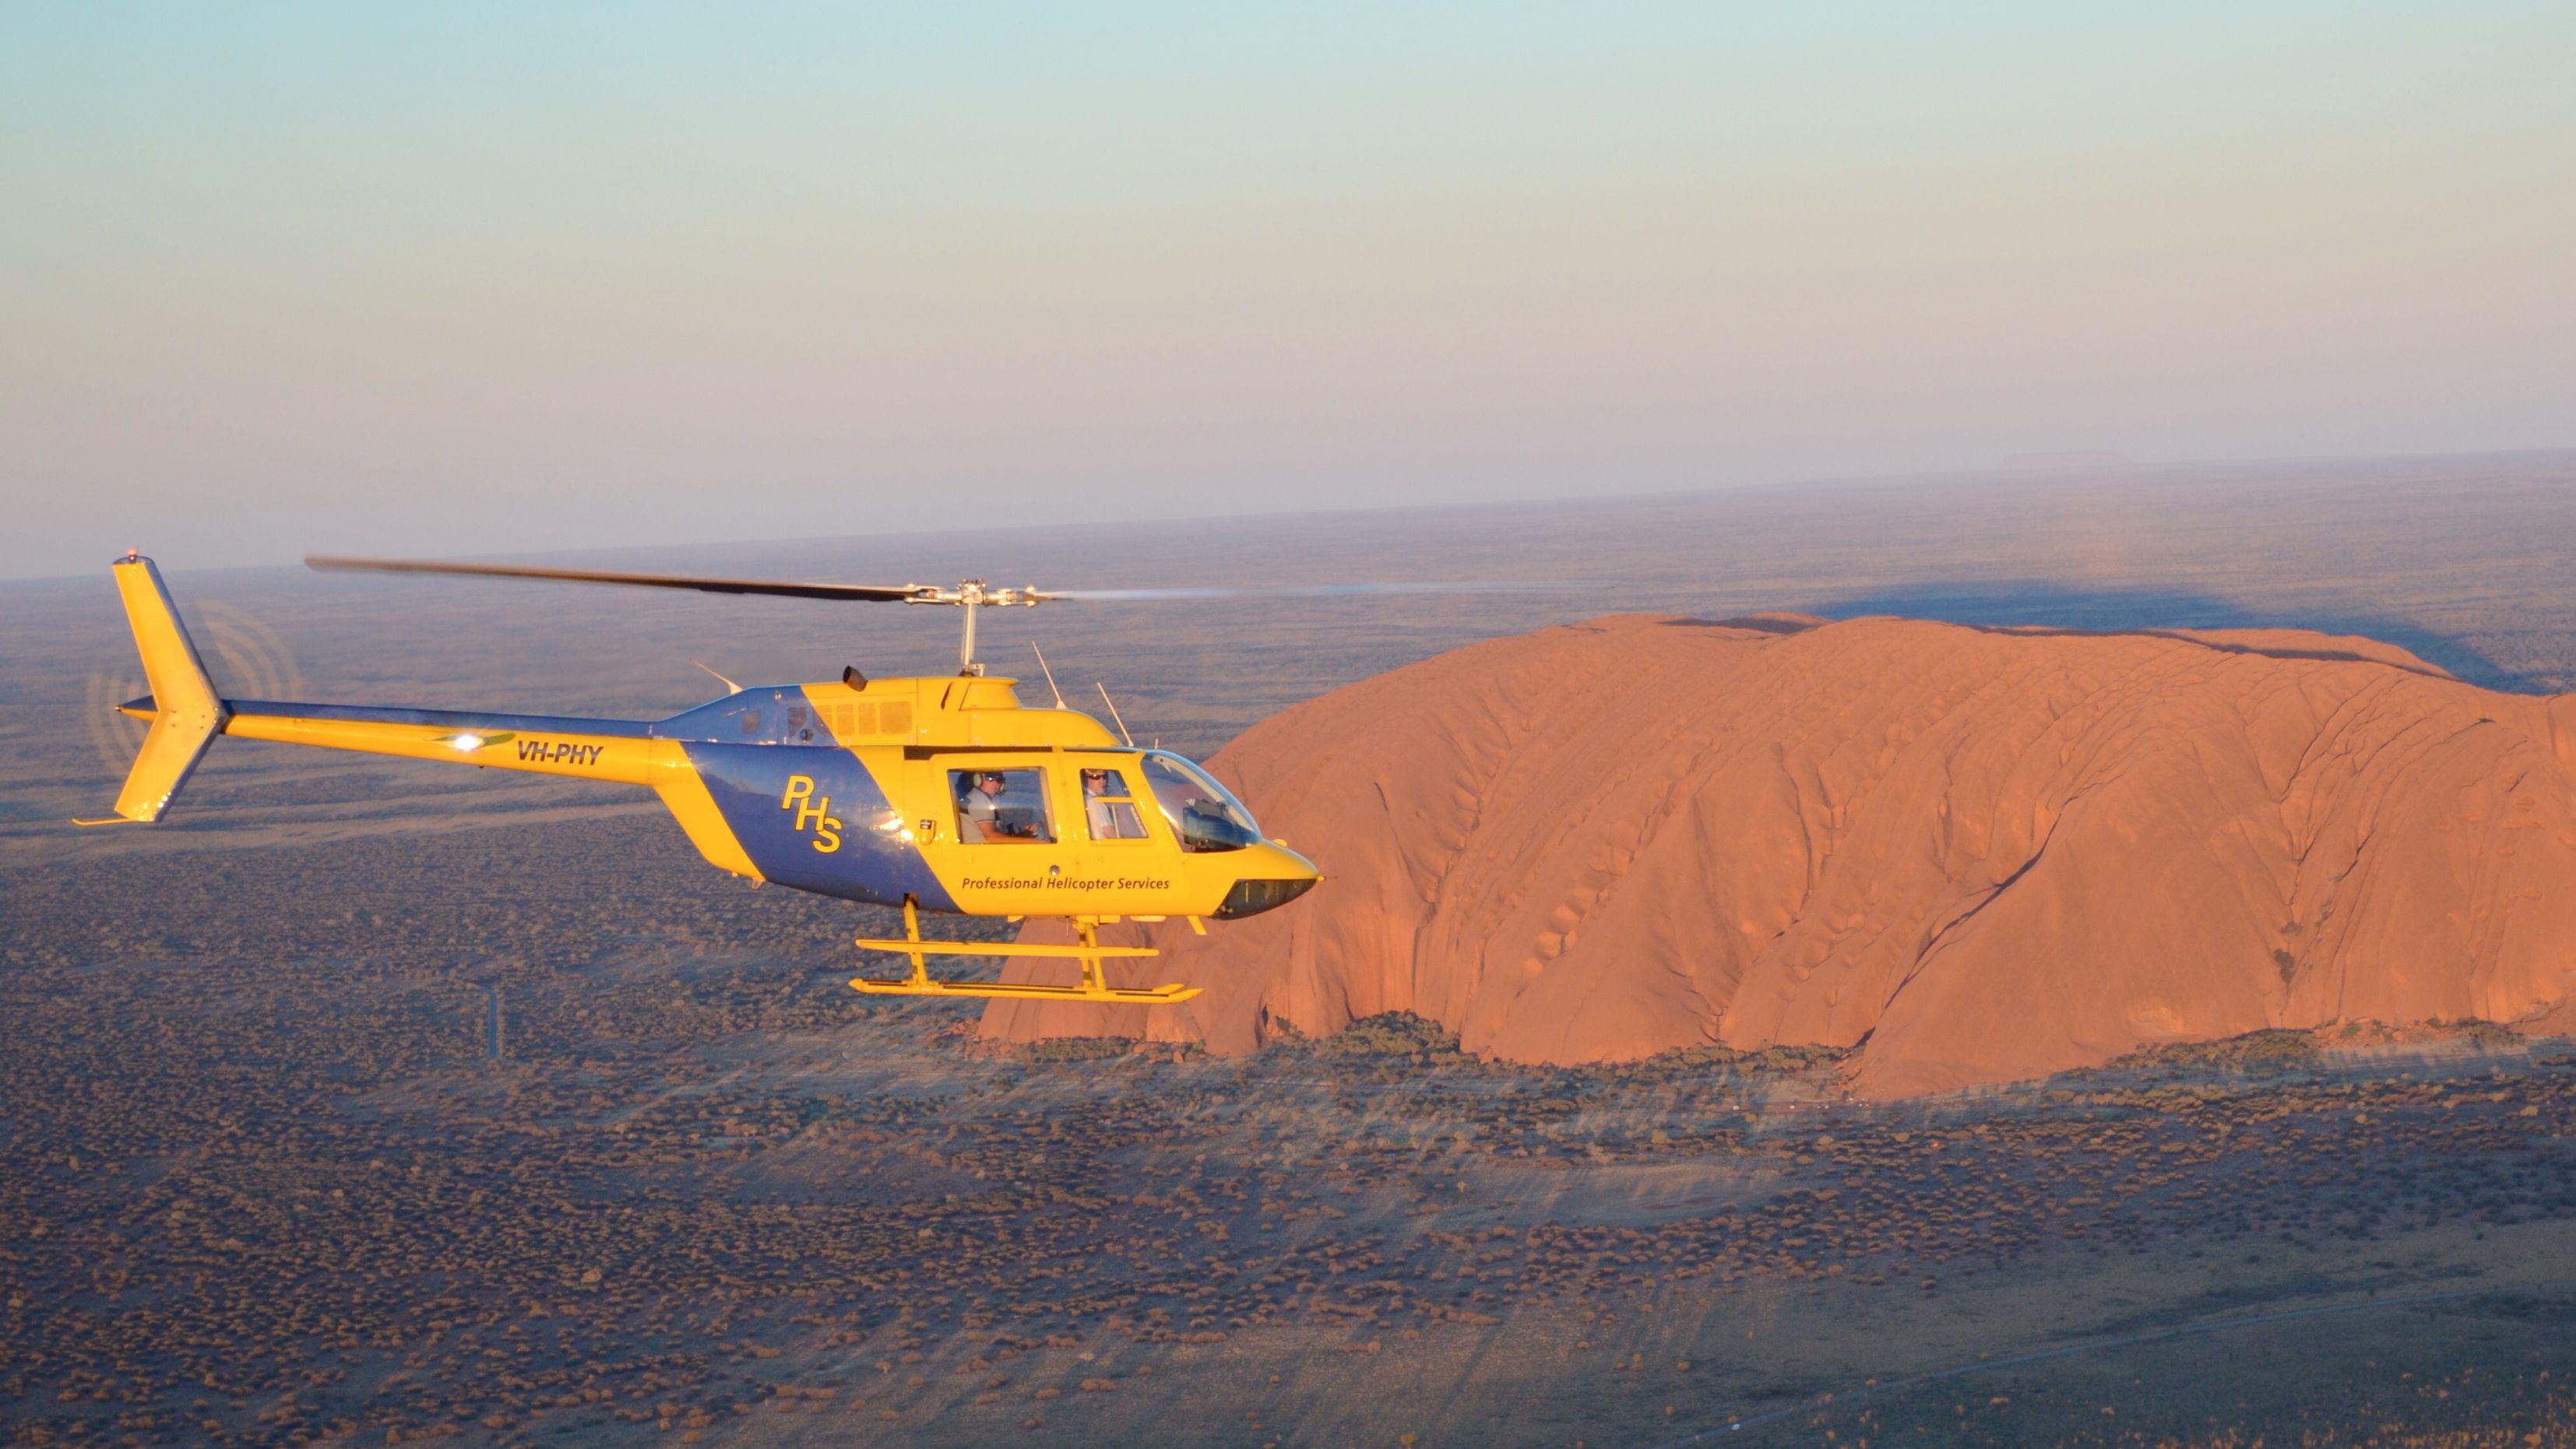 helicopter flying above the dry desert landscape in Australia